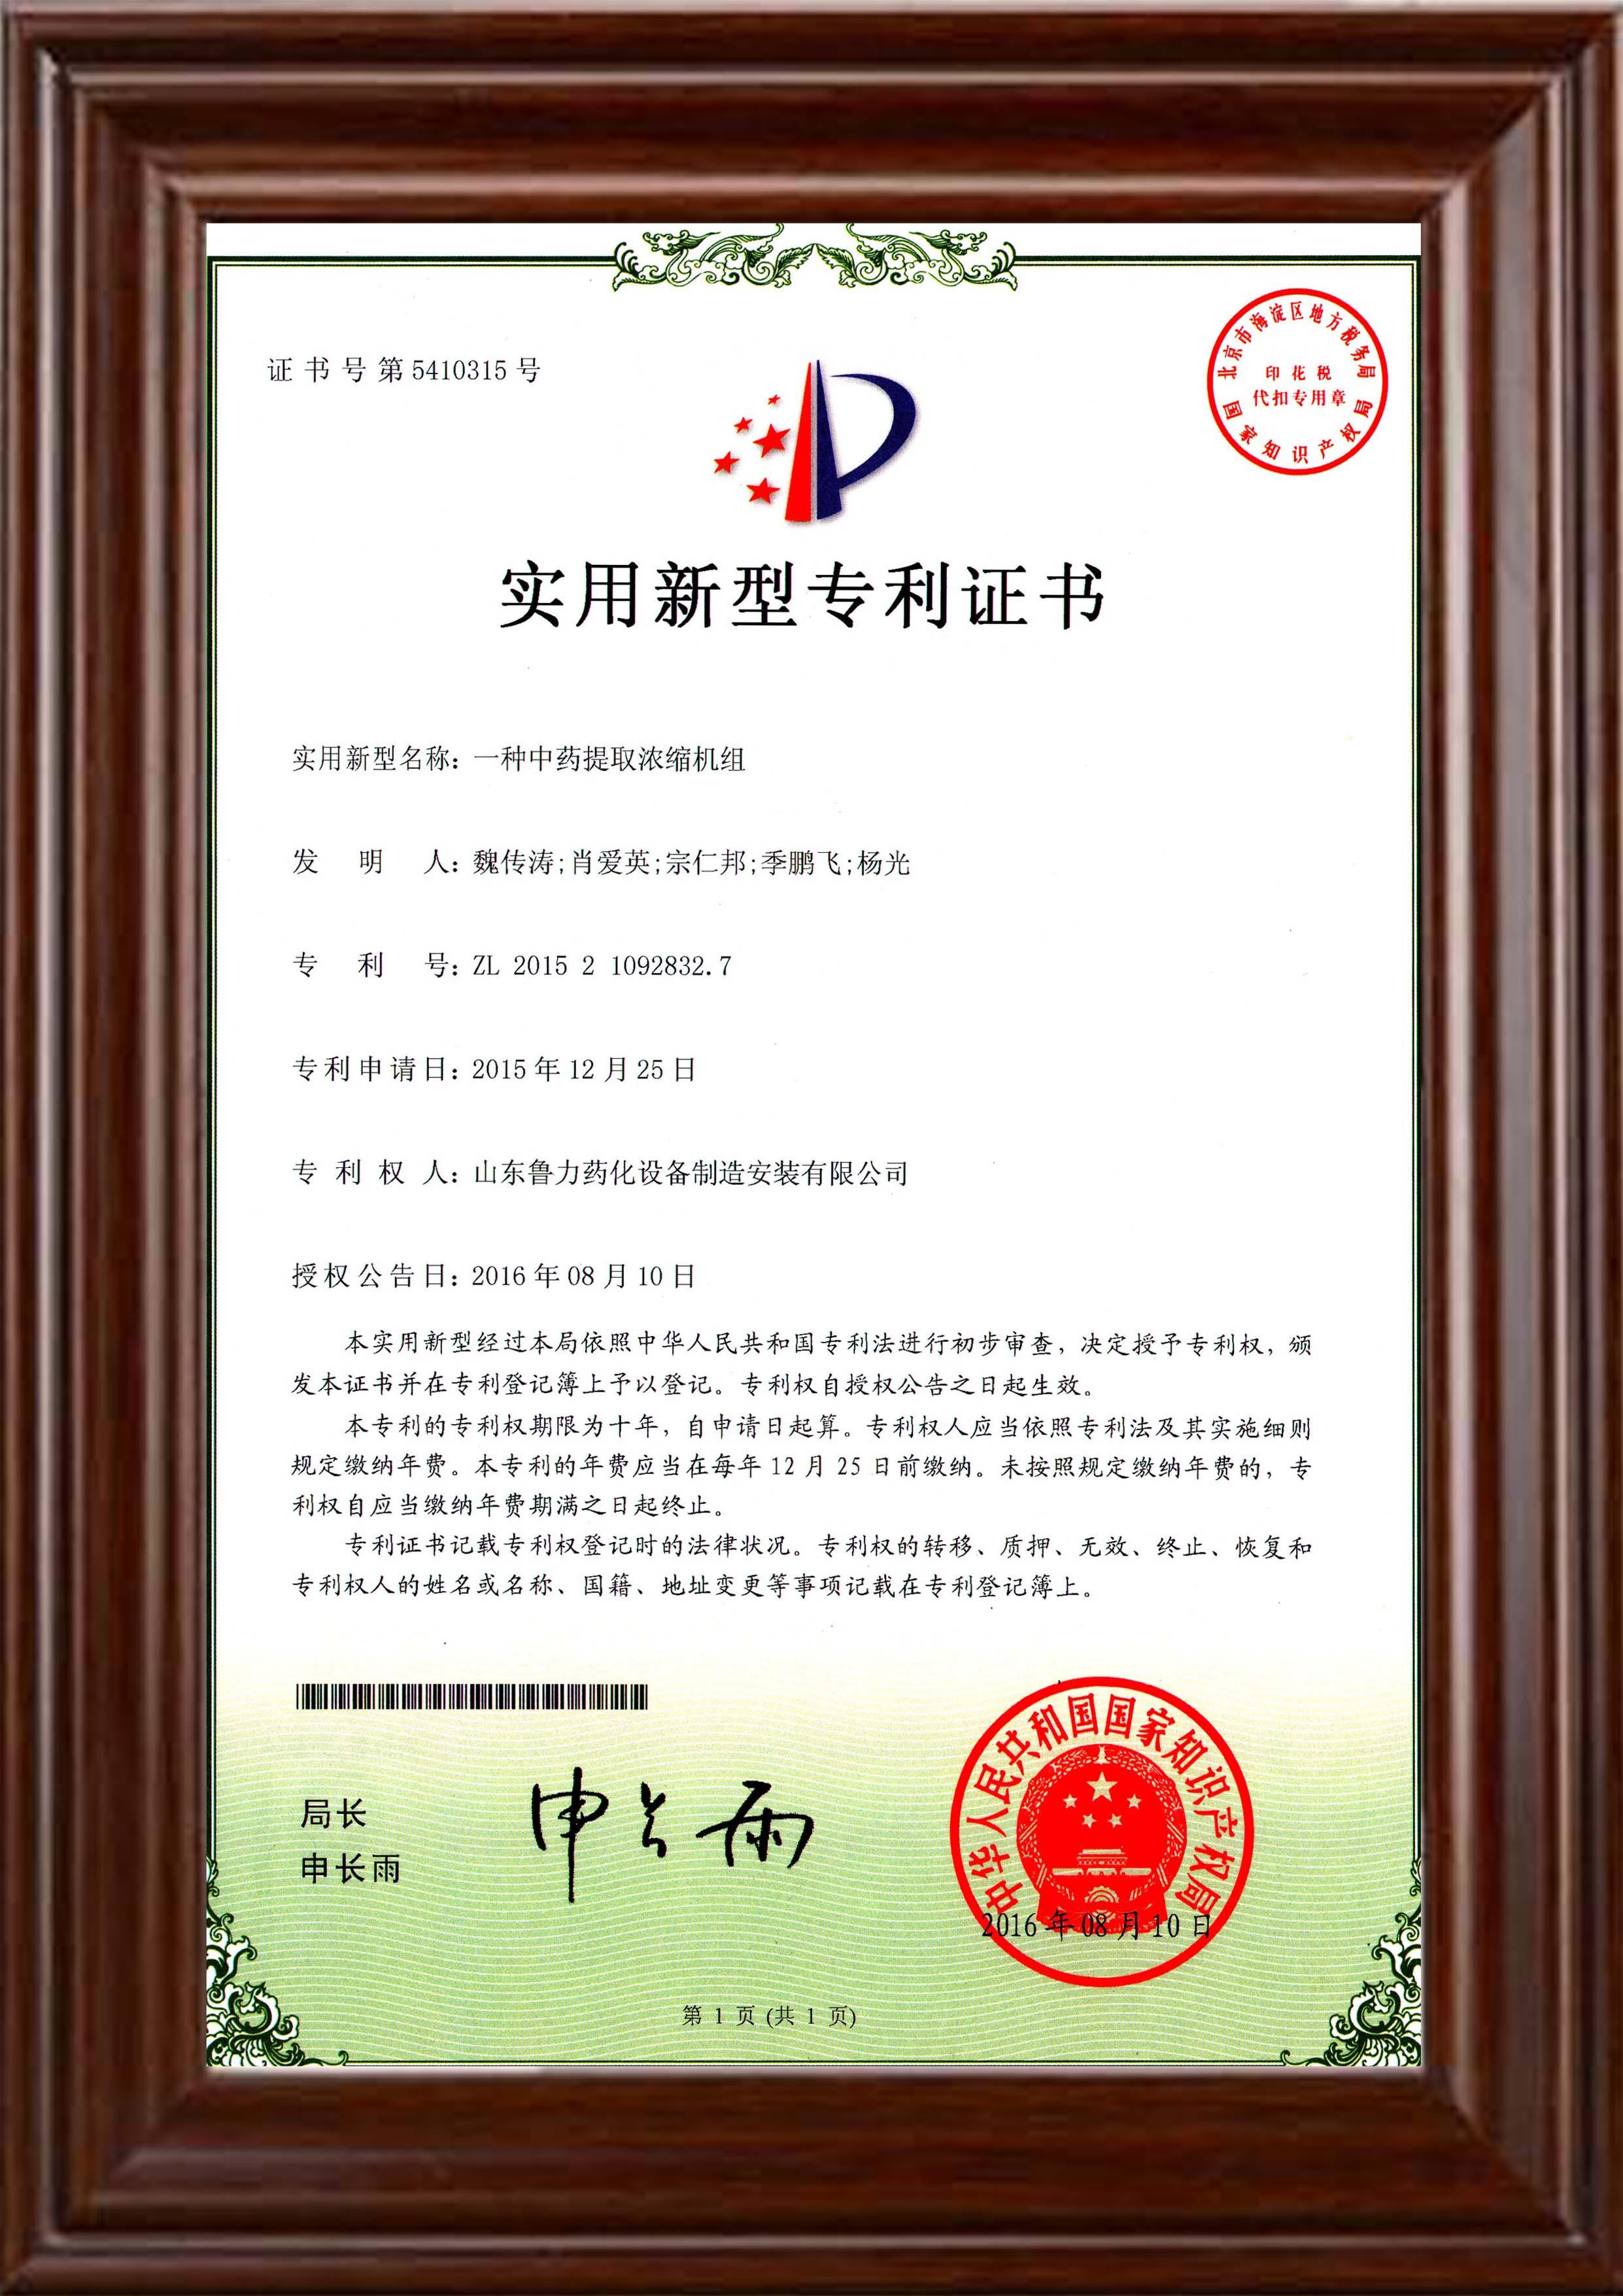 中药提取浓缩机组专利认证